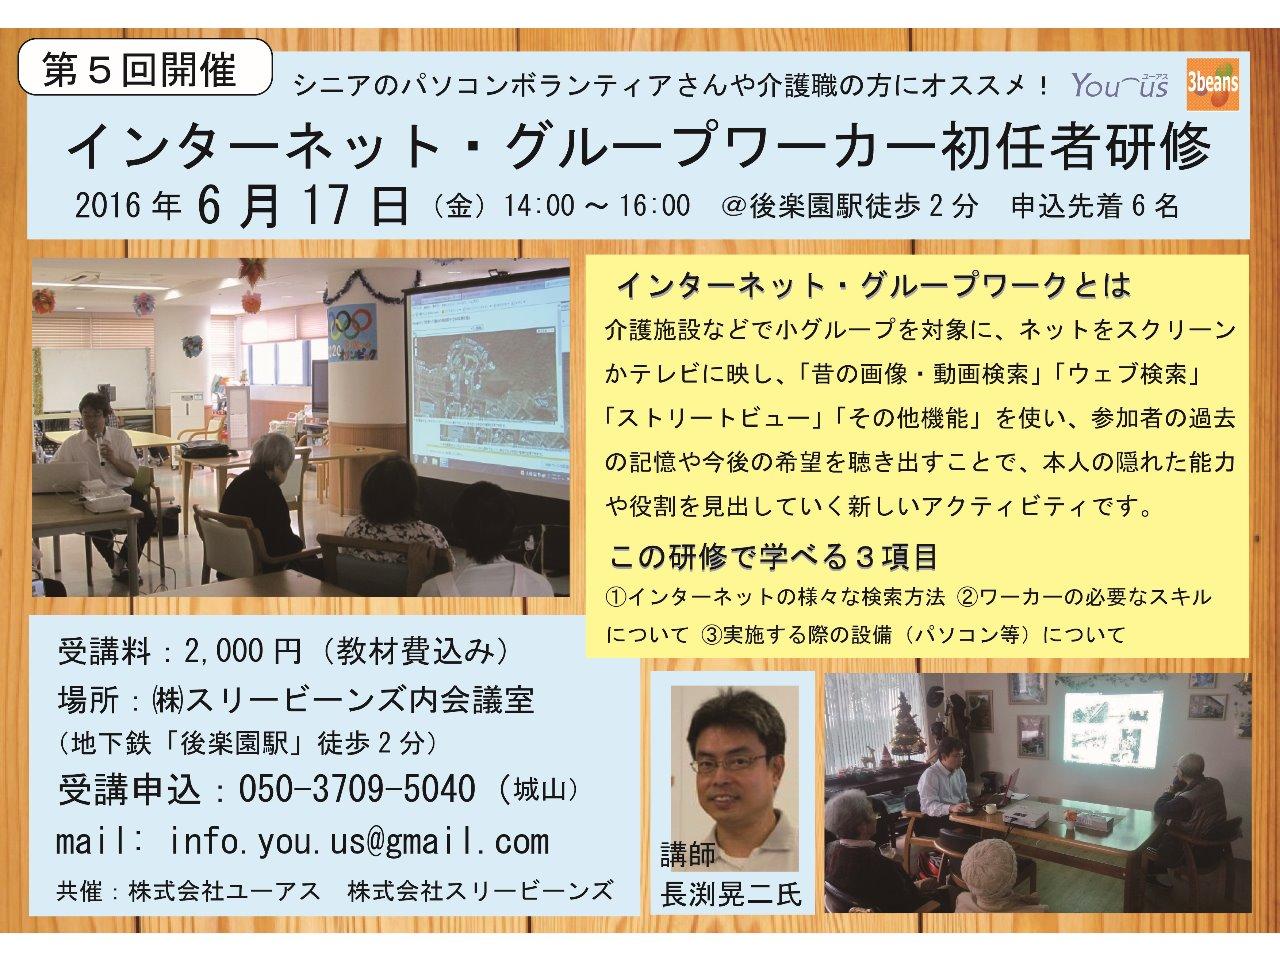 【6/17(金)インターネットグループワーカー初任者研修のご案内】